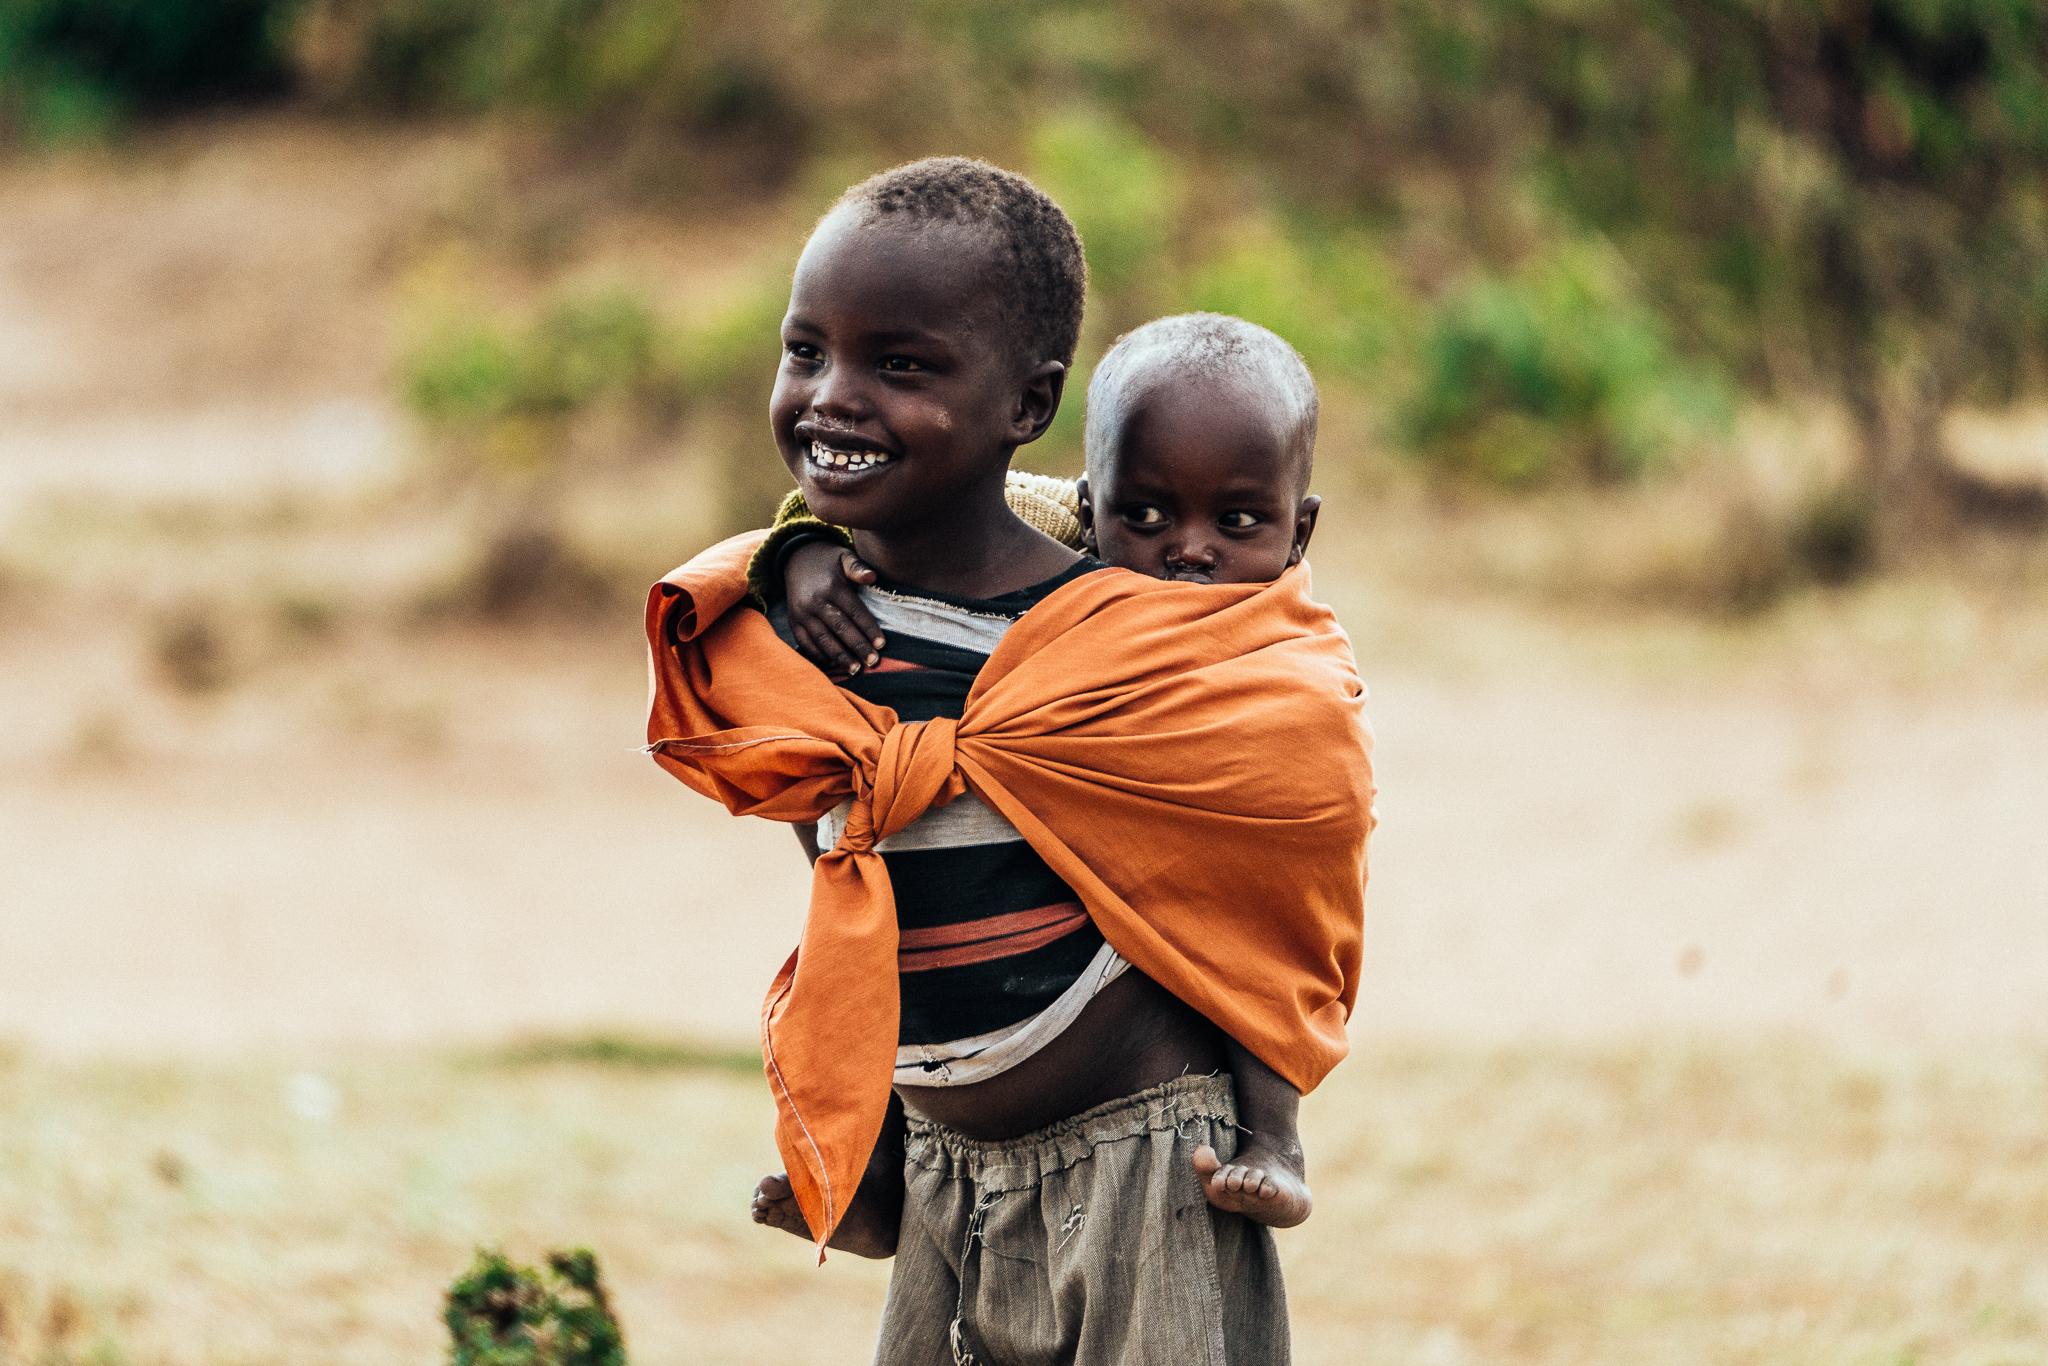 Walking through Maasai Village Ph: Dave Krugman